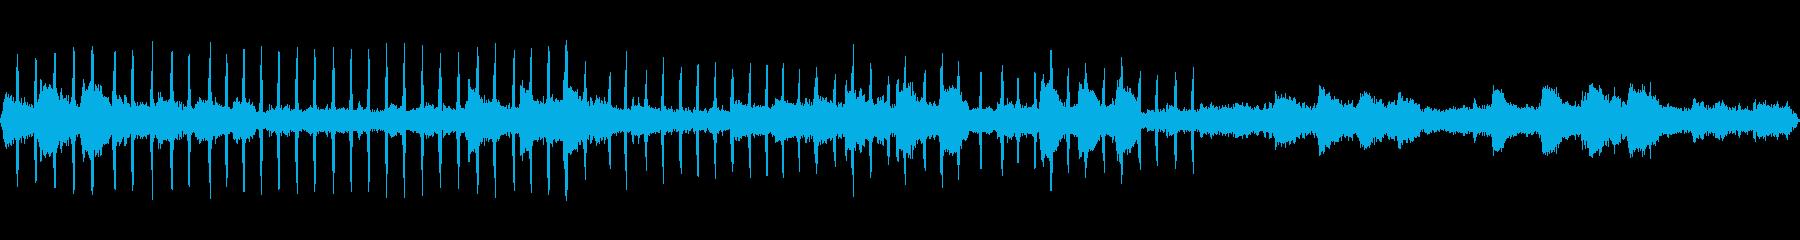 鈴虫と共に連続する虫の鳴き声【初秋】の再生済みの波形